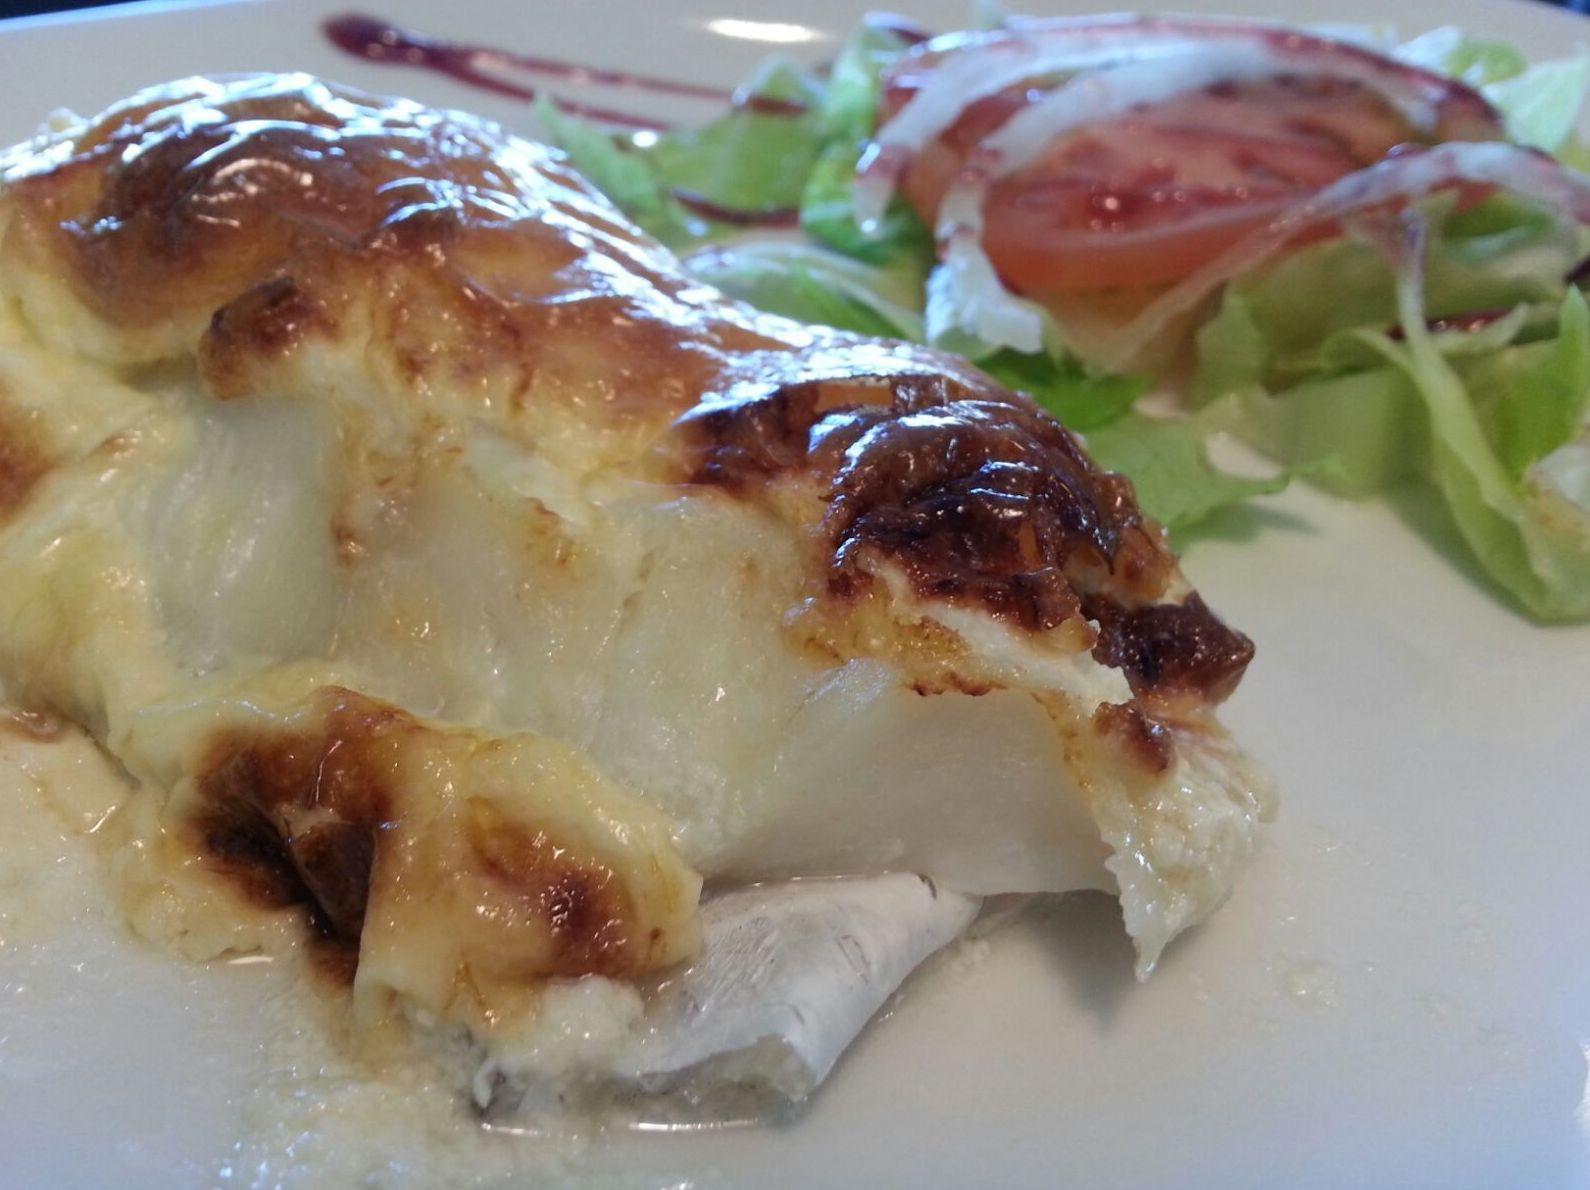 bacalao gratinado con aliolipera, barrestaurantedonaelena en las tablas